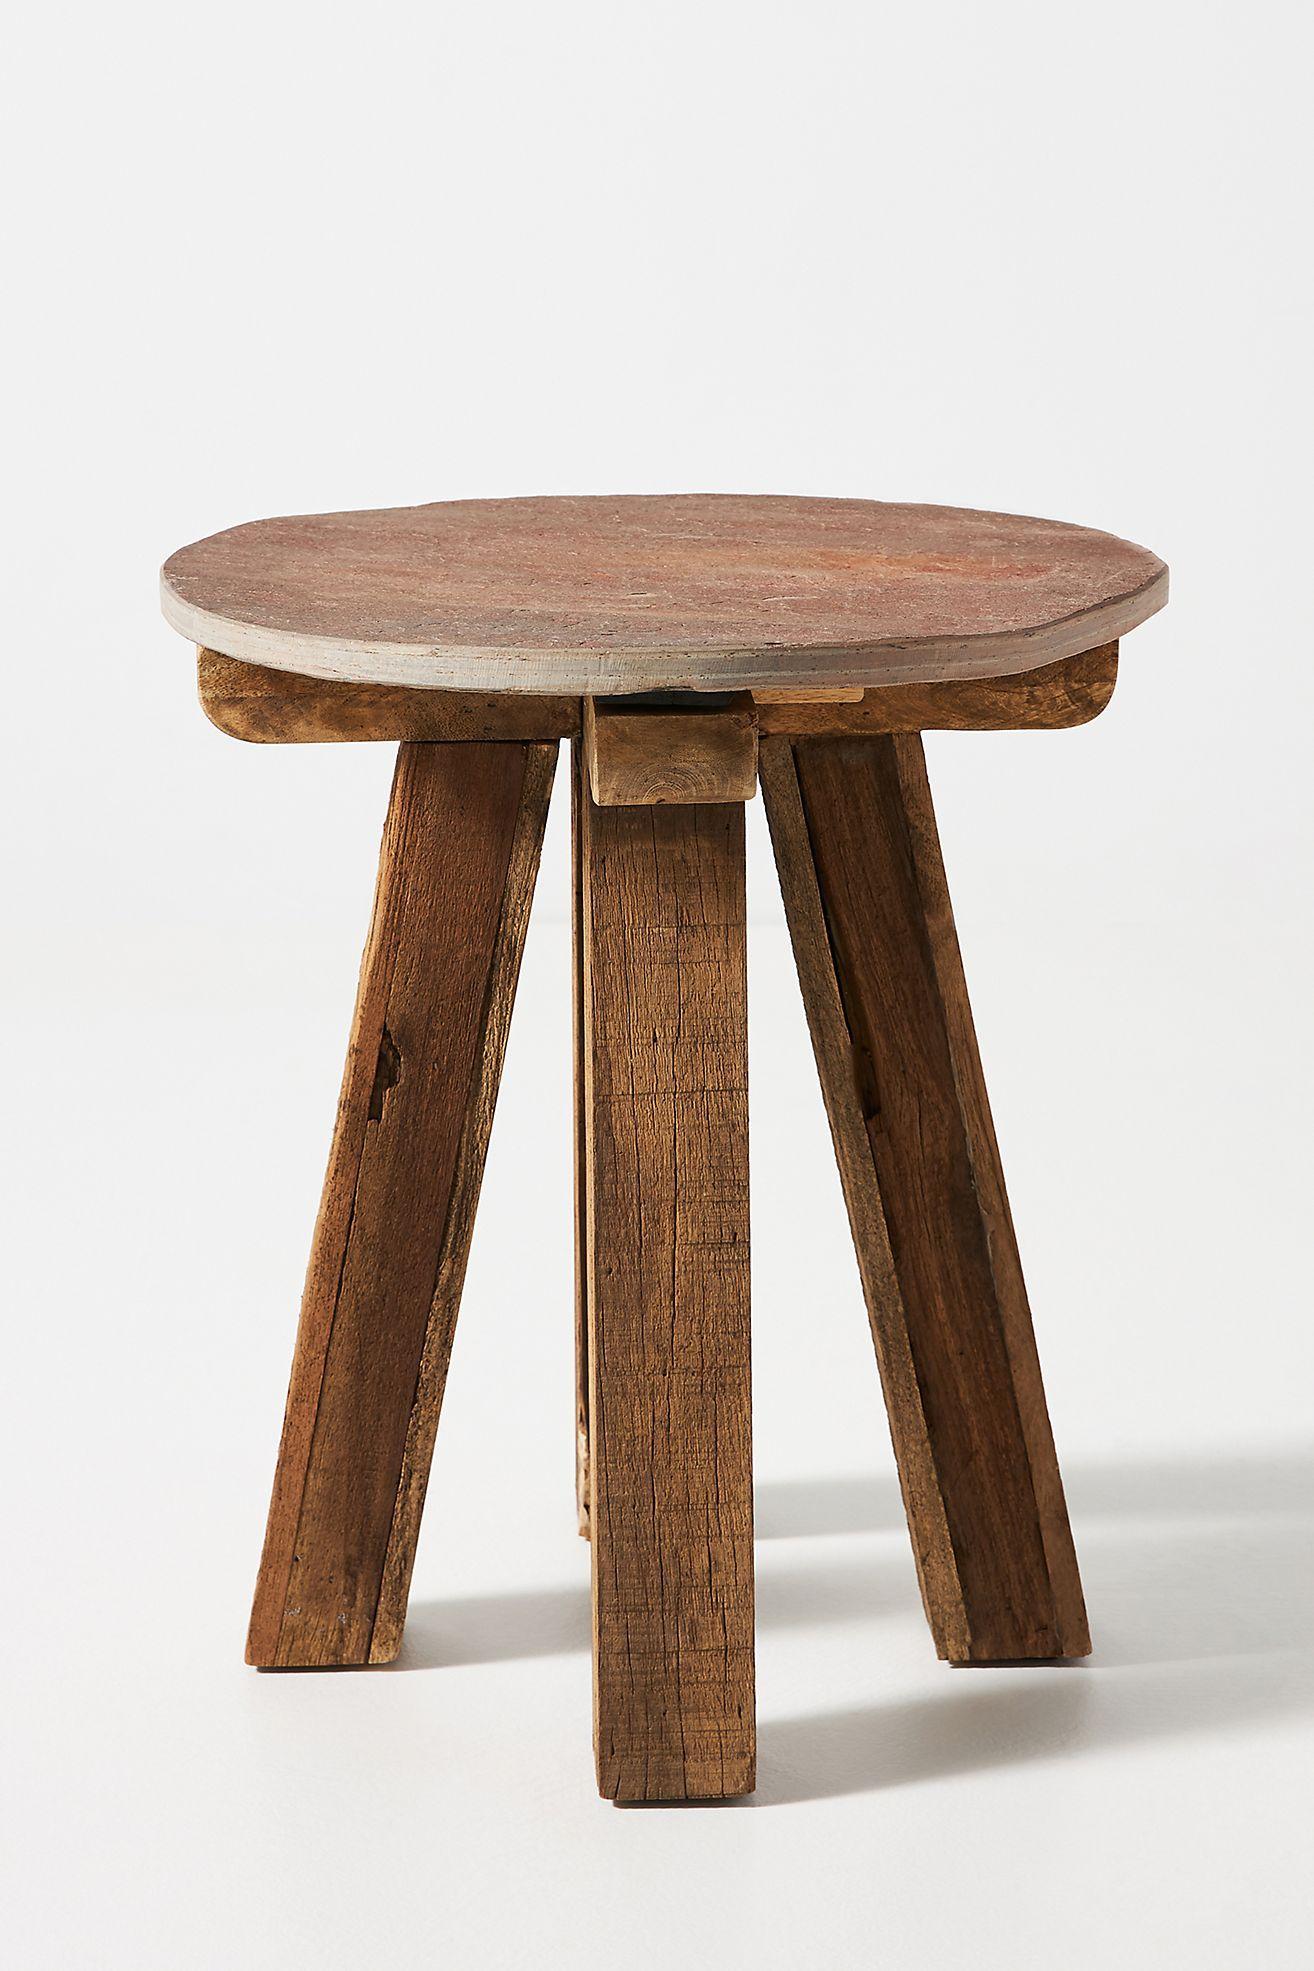 Slate Indoor Outdoor Side Table In 2021 Outdoor Side Table Teak Side Table Side Table [ 1971 x 1314 Pixel ]